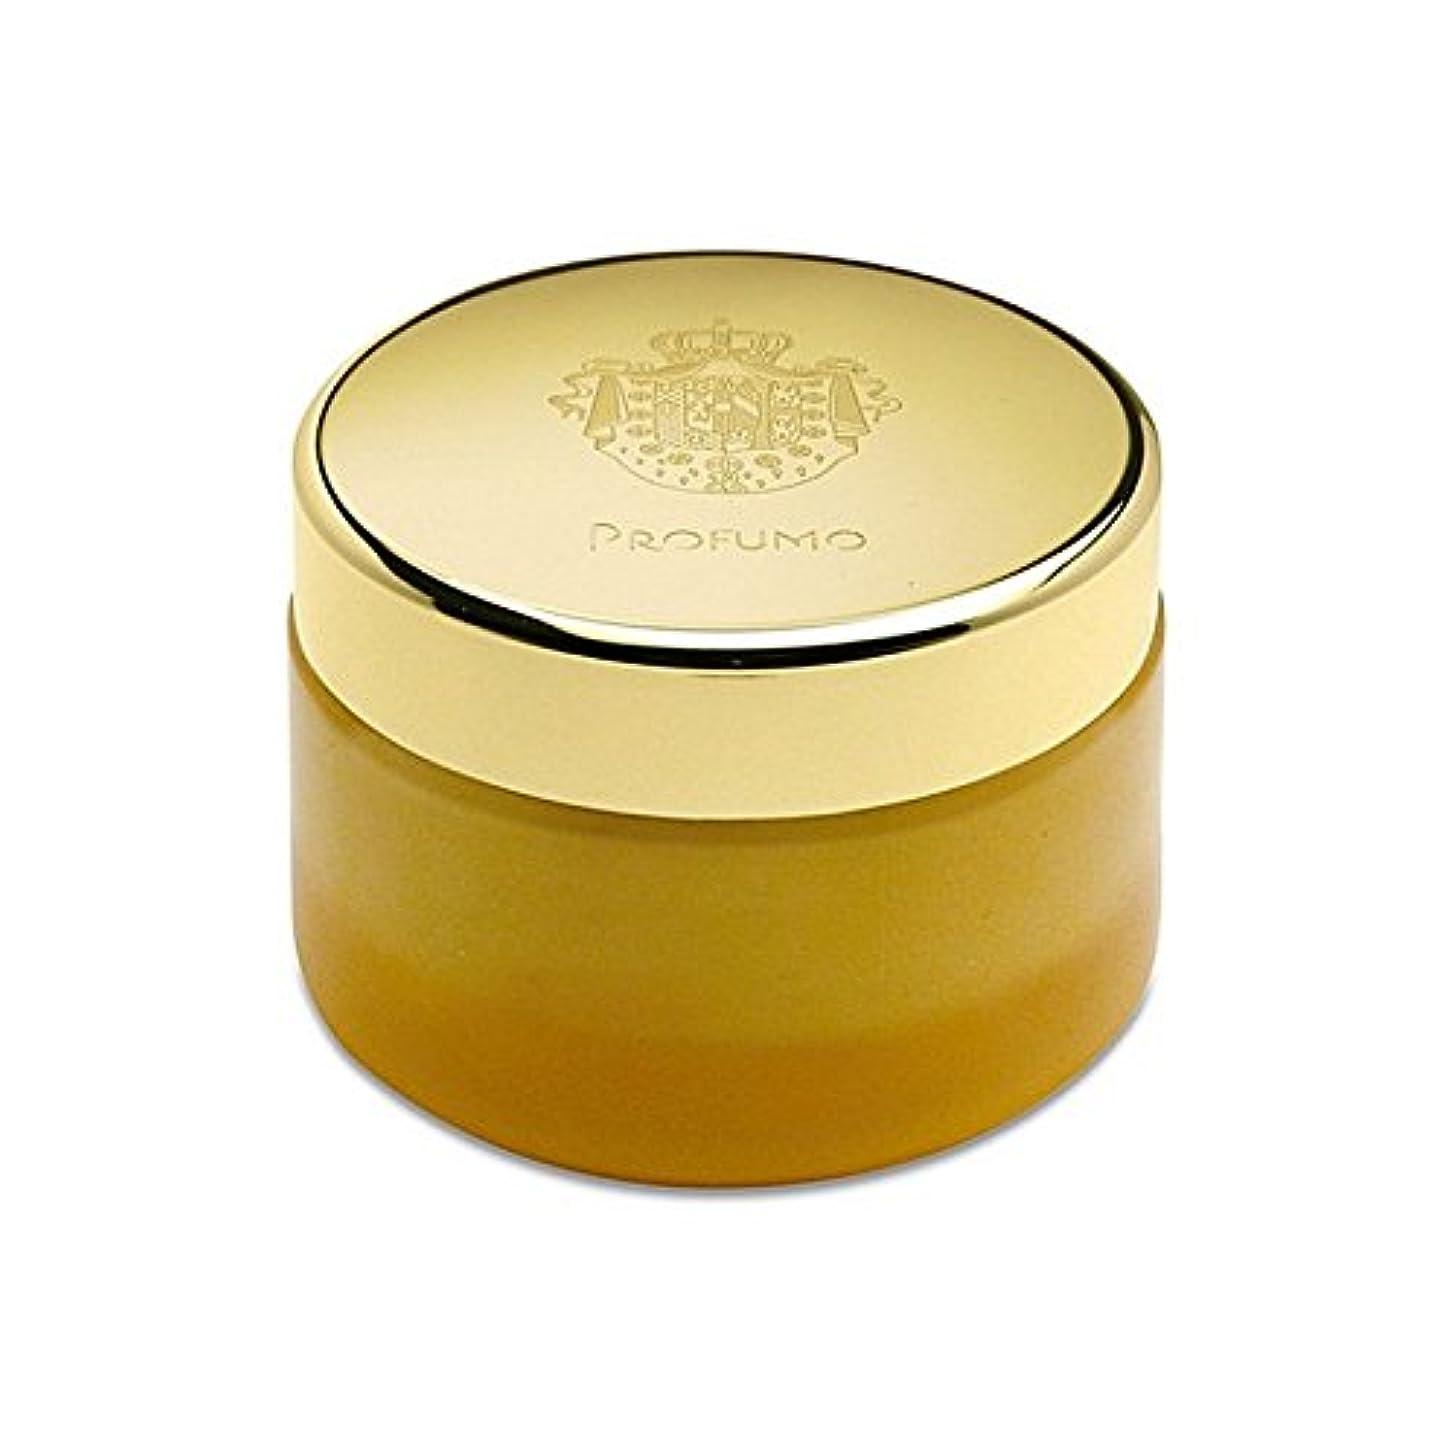 カウントアップふさわしい宝アクアディパルマボディクリーム200ミリリットル x2 - Acqua Di Parma Profumo Body Cream 200ml (Pack of 2) [並行輸入品]